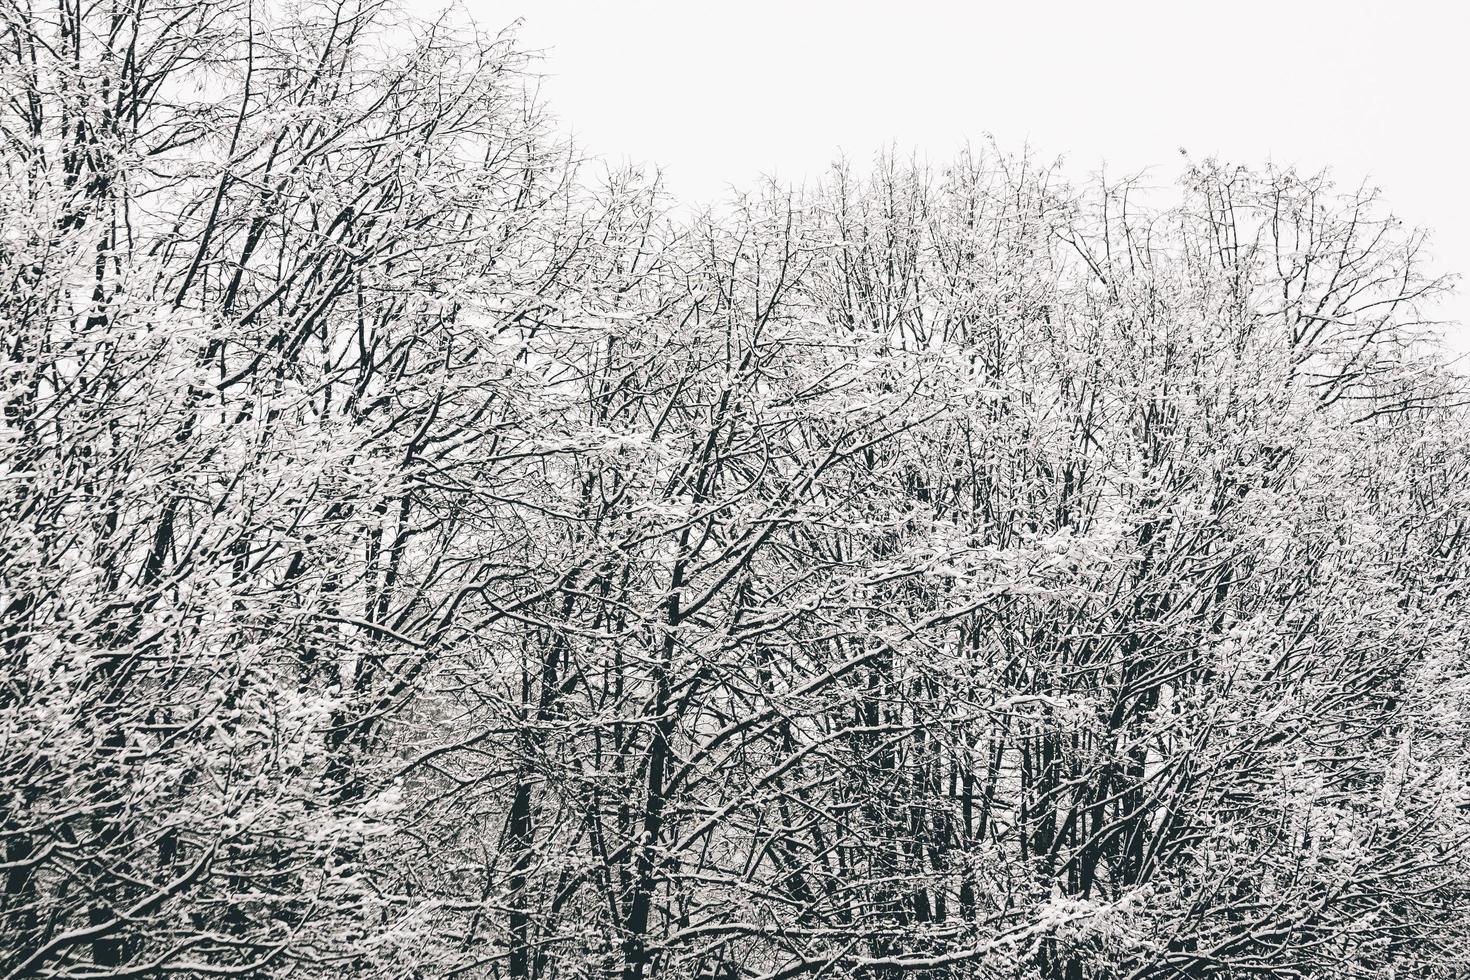 árvores nuas cobertas de neve foto